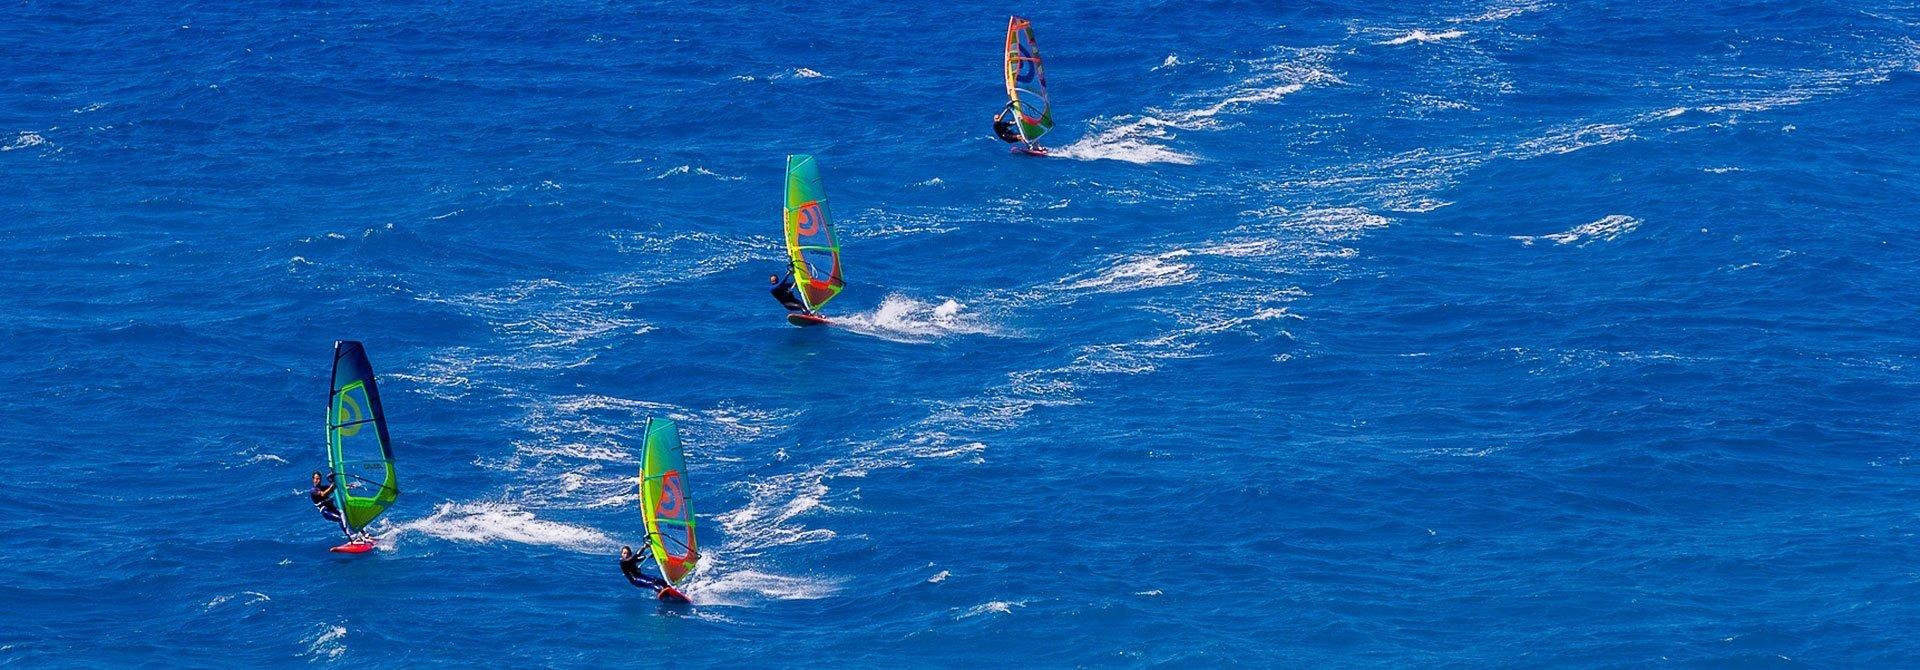 2016 JP NEILPRYDE windsurf equipment